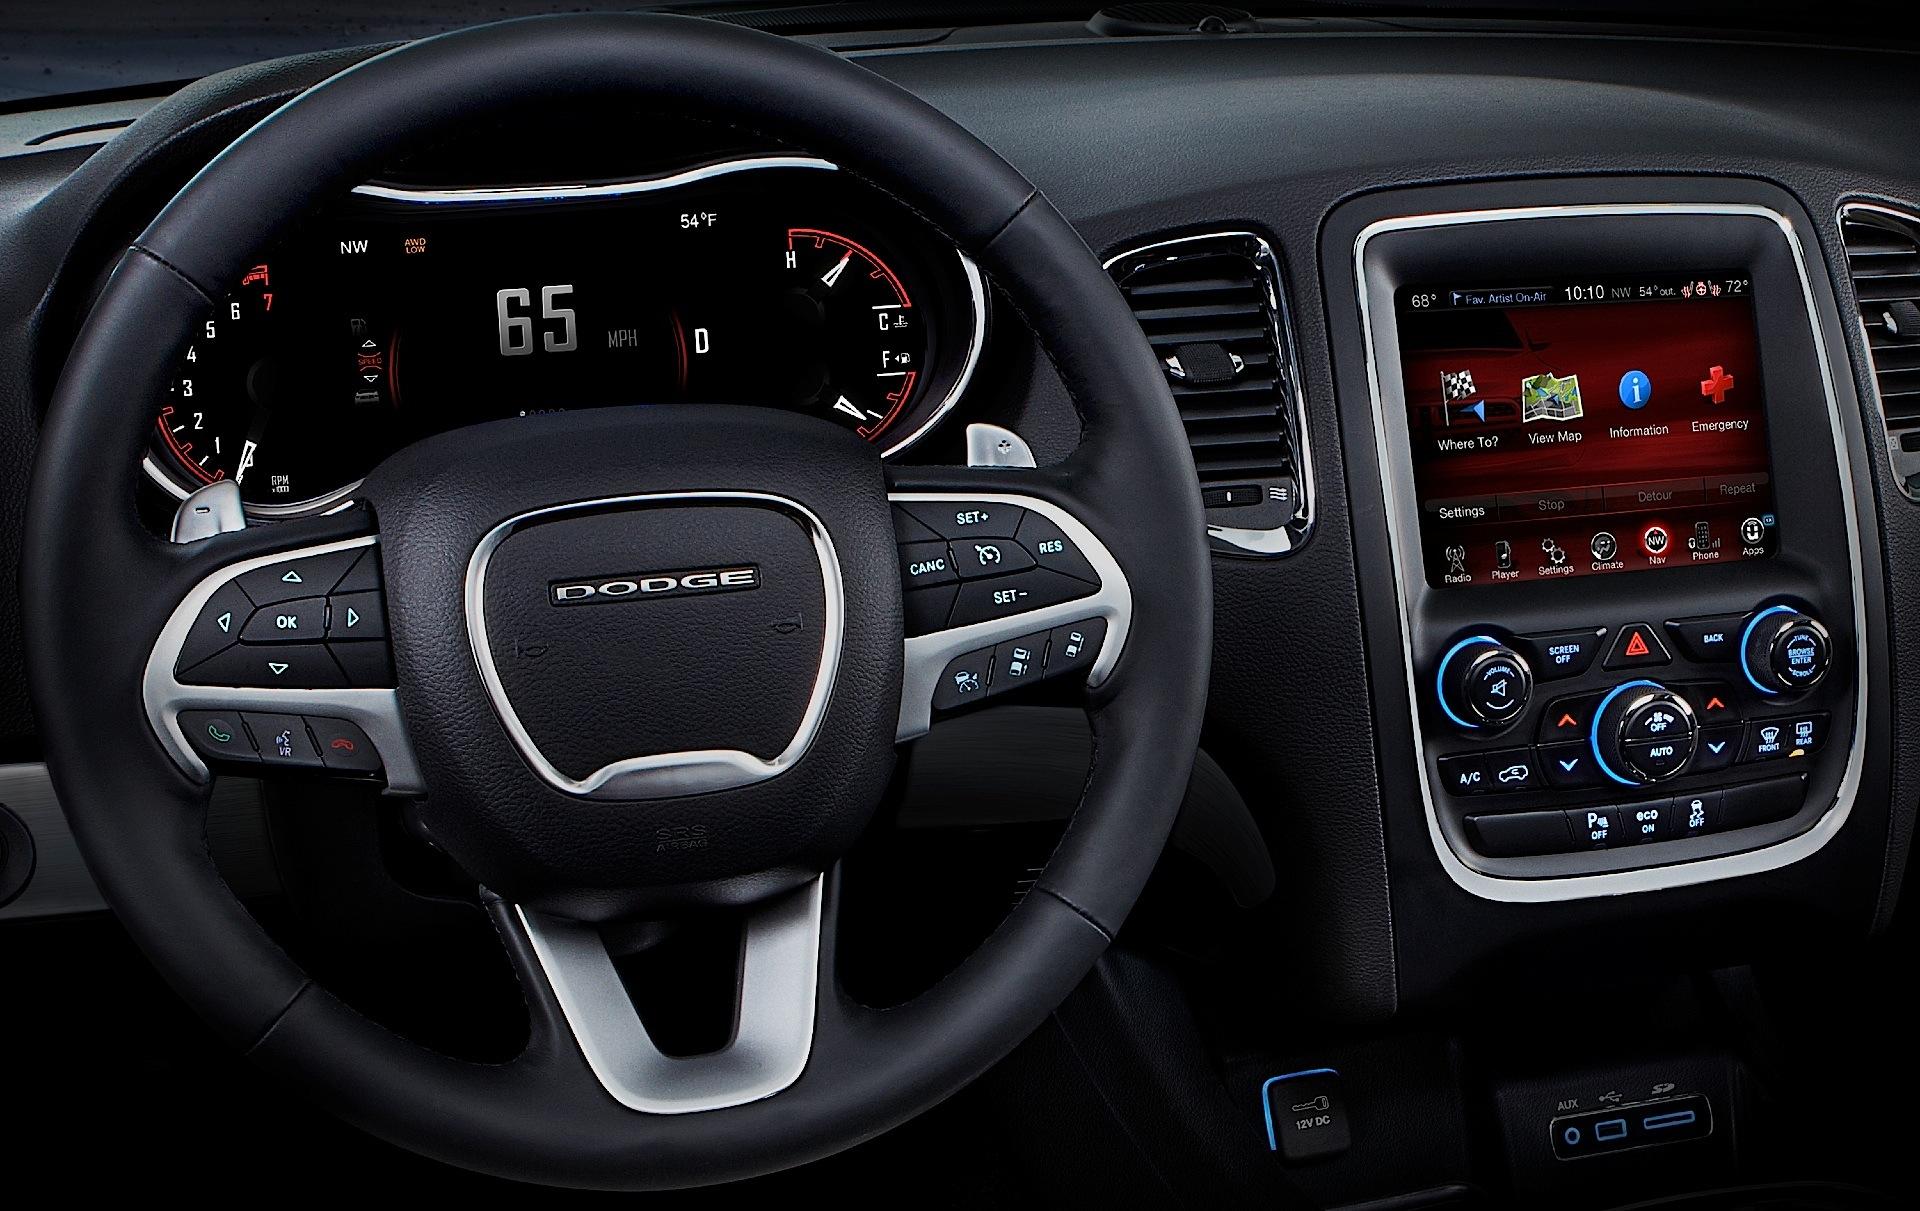 news driver photos r photo t hemi car reviews s original rwd and review info durango dodge test